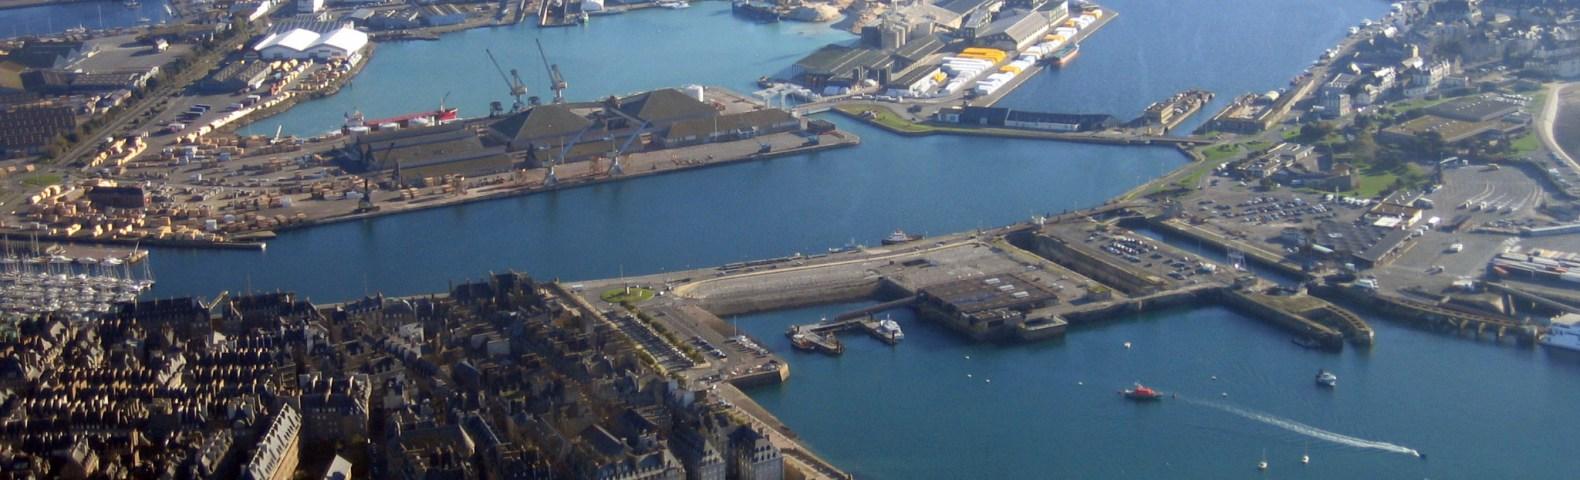 harbor facilites